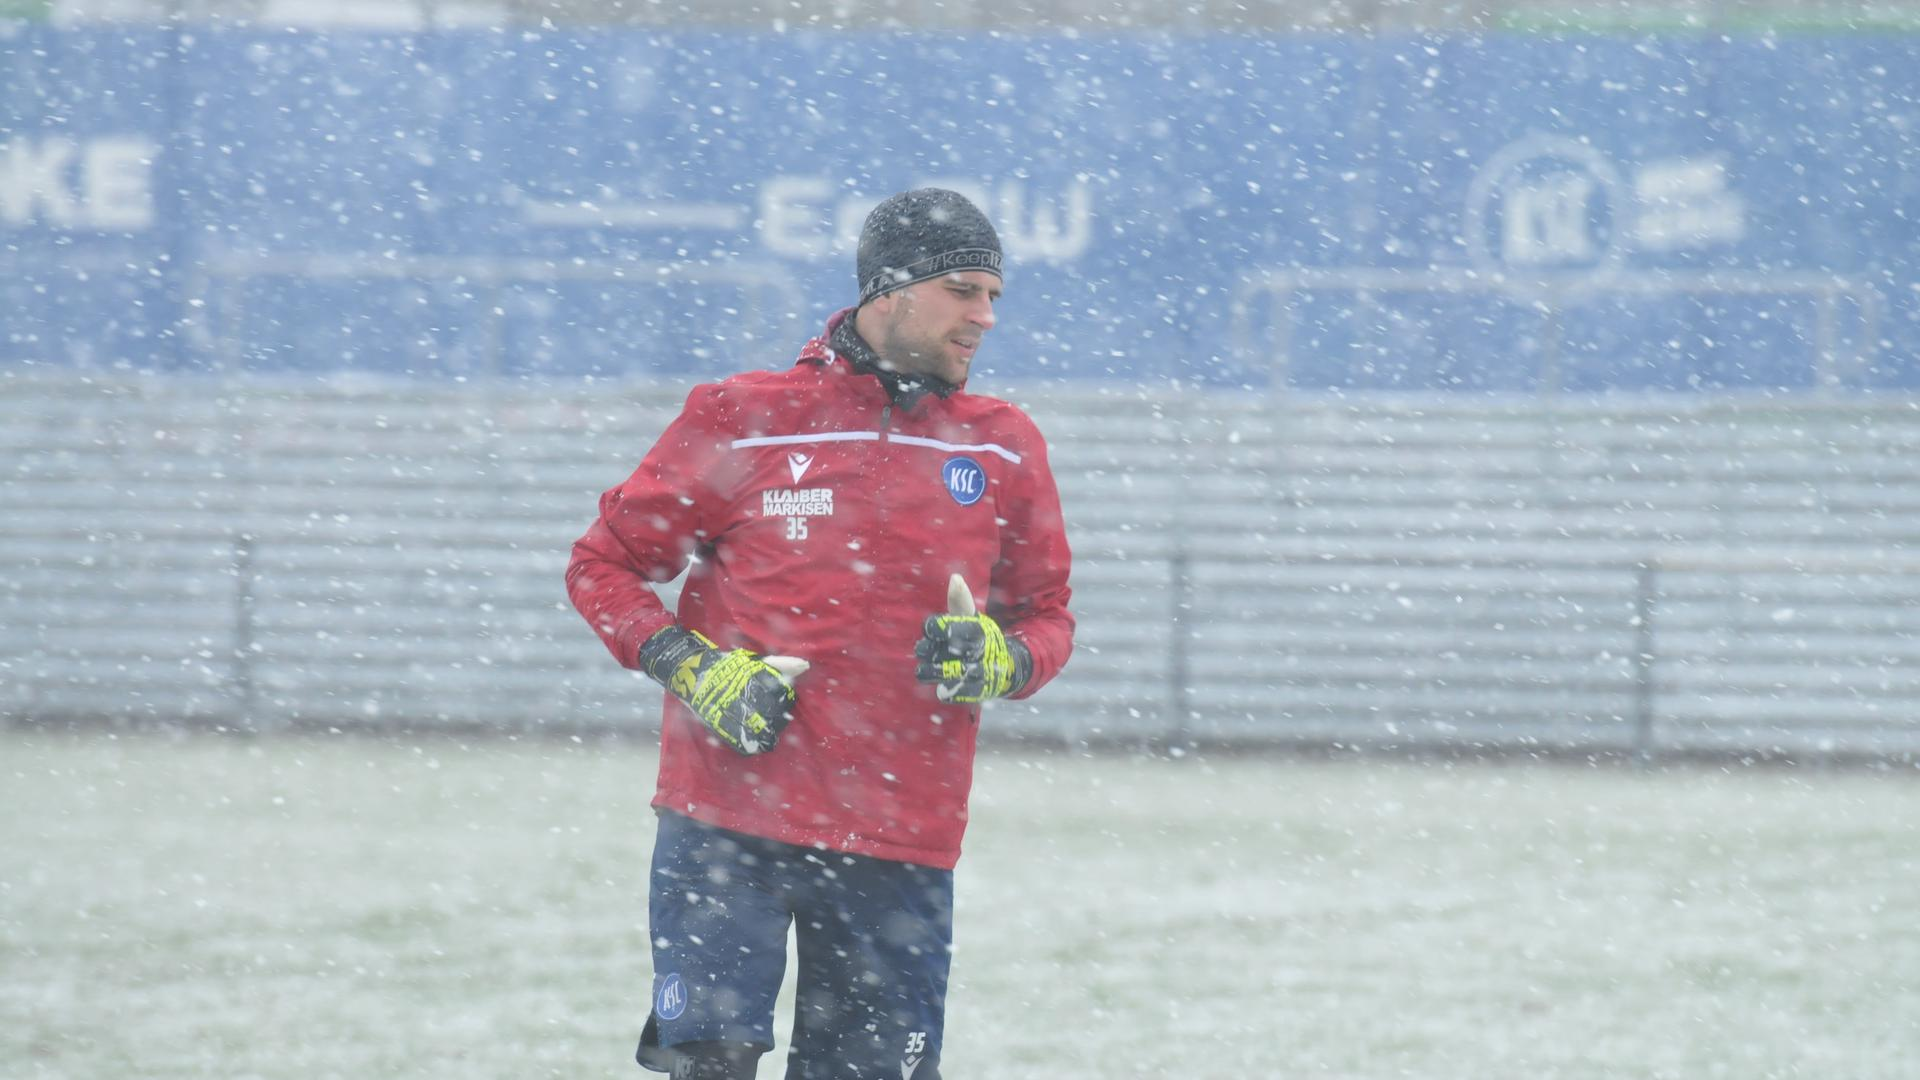 Training im Schnee: So begann auch für den Torwart Marius Gersbeck die Nachmittagseinheit am Mittwoch beim Karlsruher SC. Danach wurde sein positiver Corona-Befund bekannt.